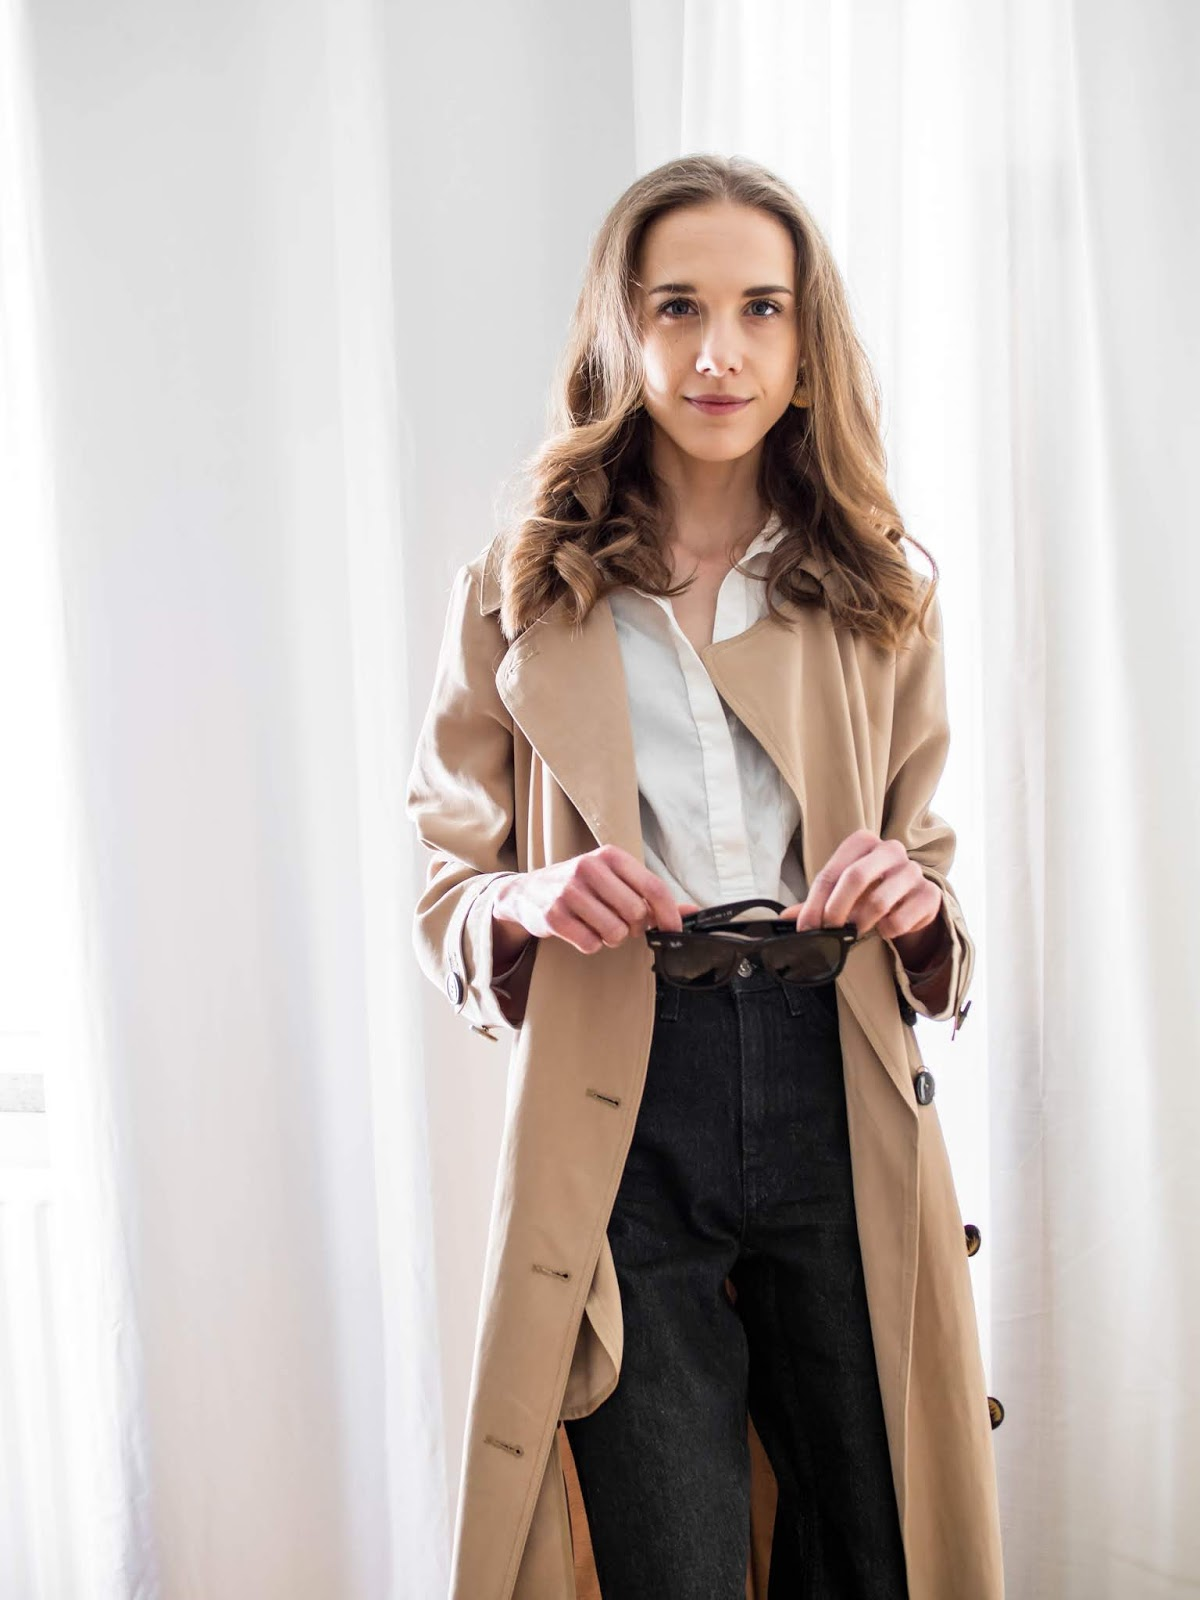 Fashion blogger spring style inspiration, trench coat, Helsinki, Finland - Muotibloggaaja, kevätmuoti, inspiraatio, trenssitakki, Helsinki, Suomi